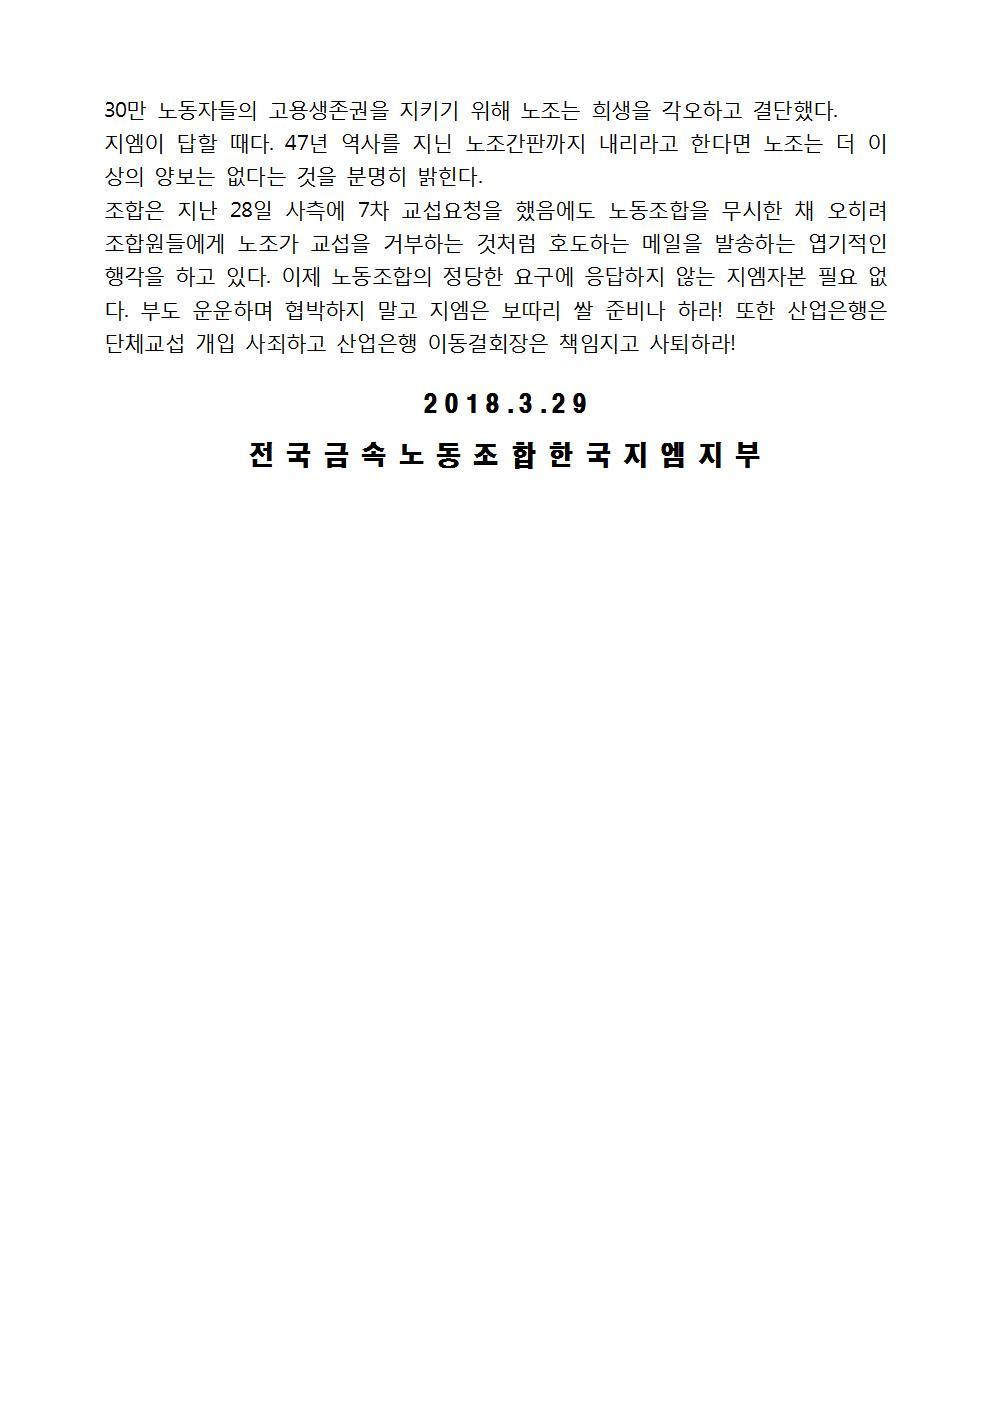 최종기자회견문003.jpg